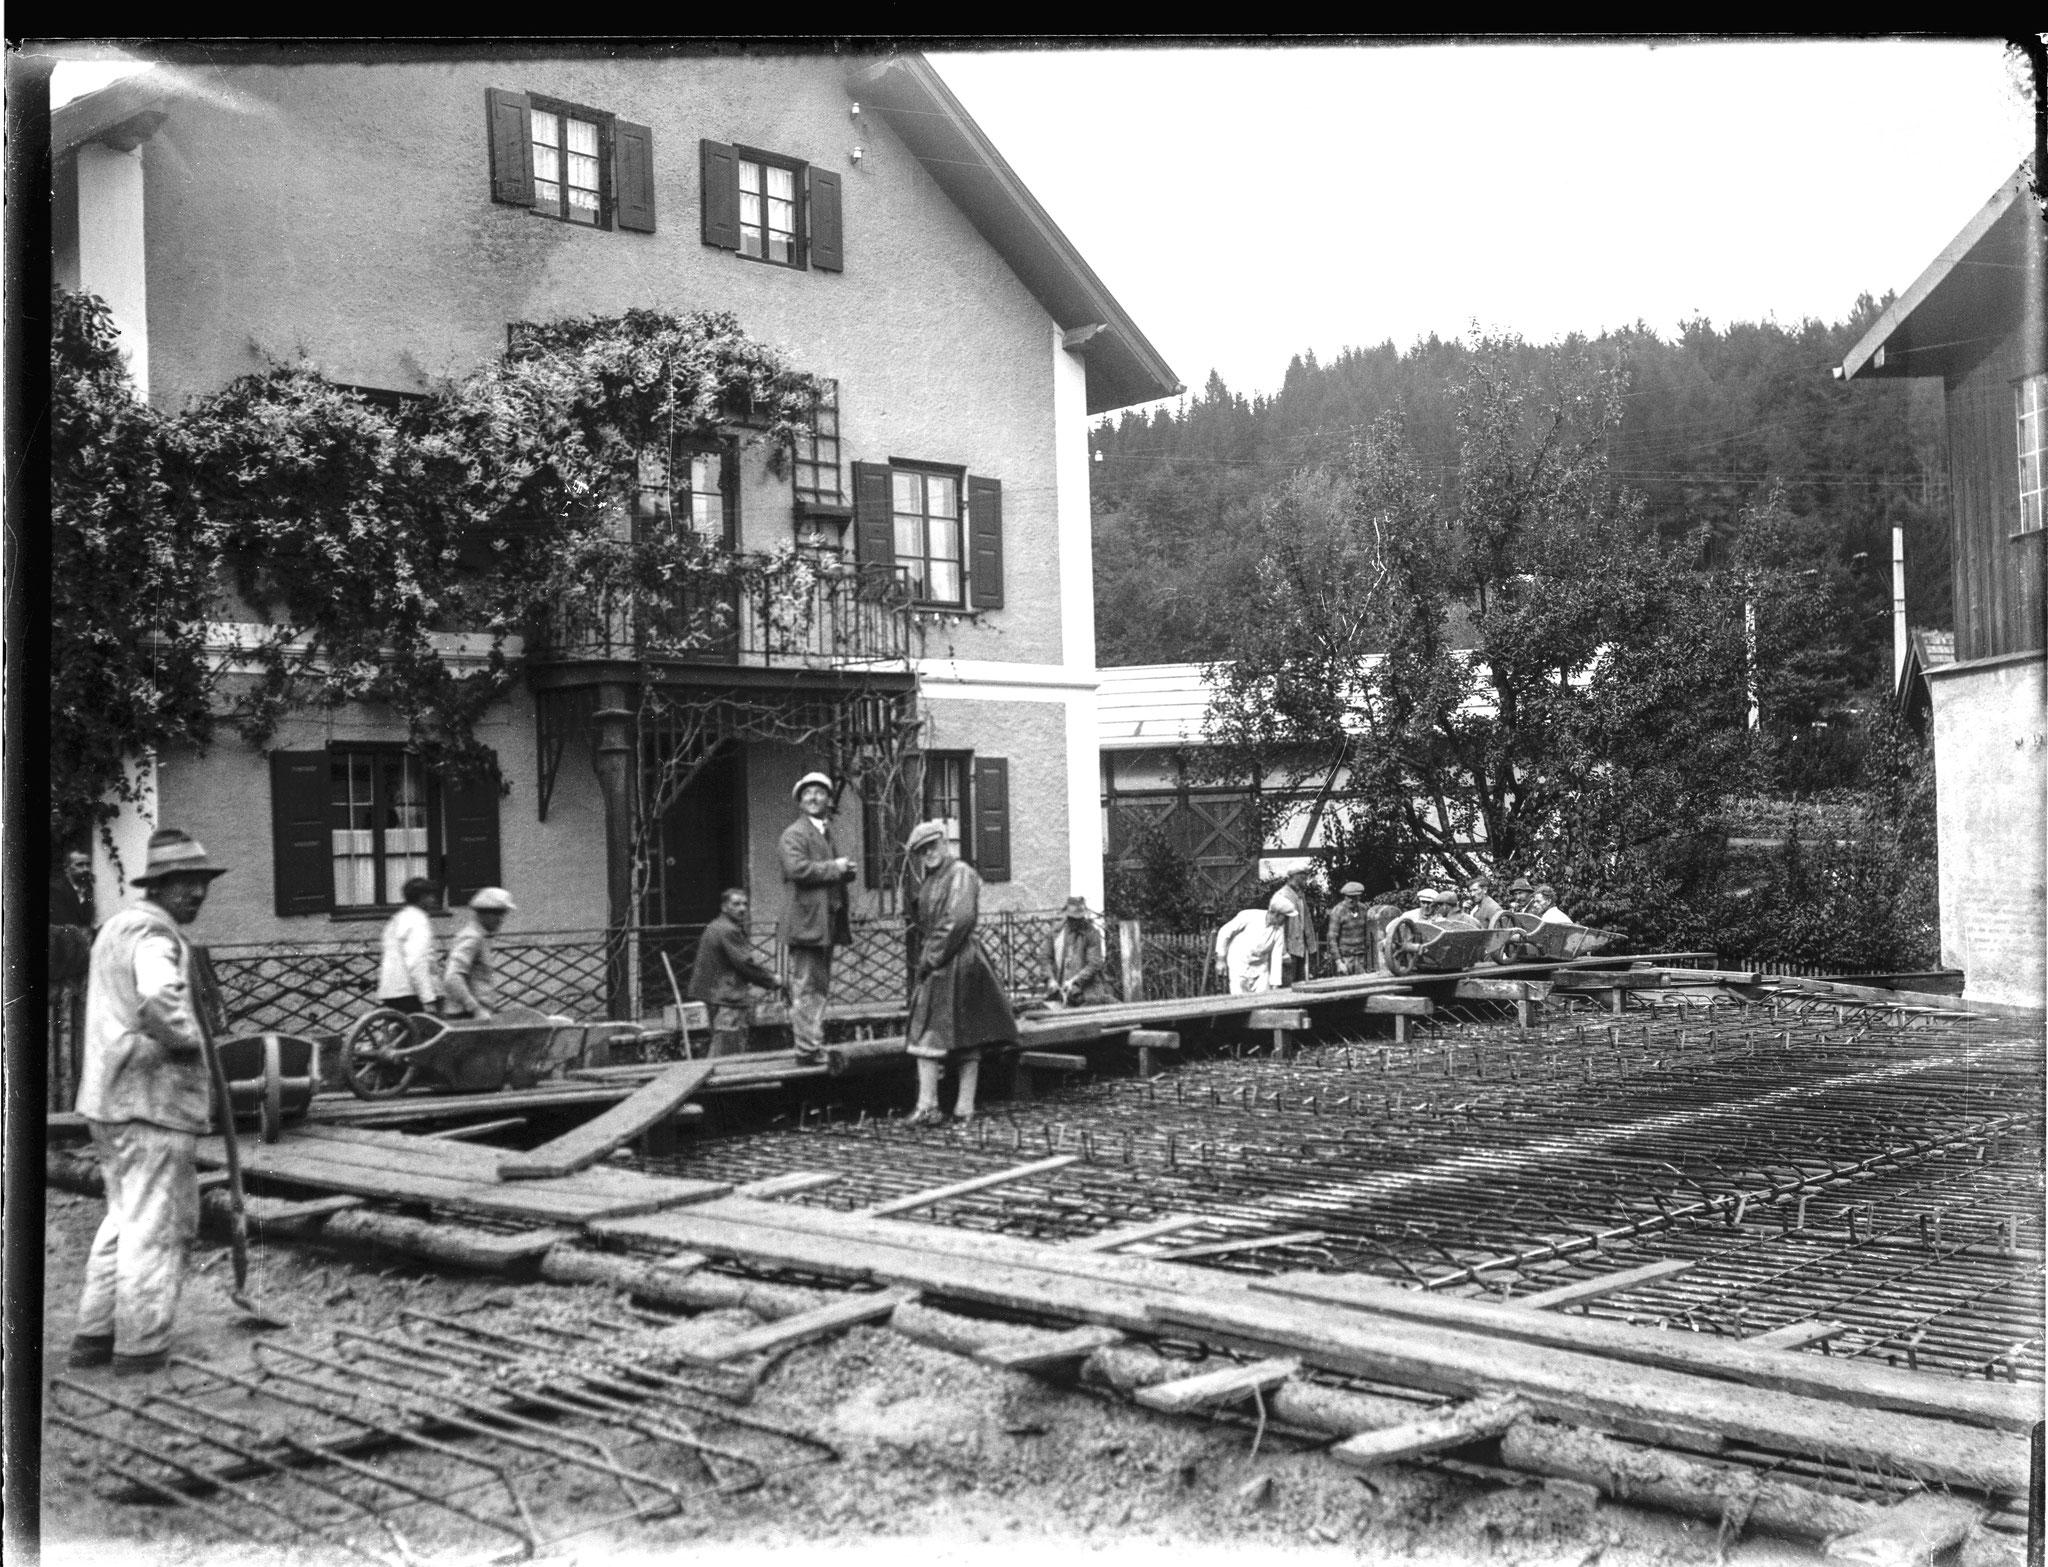 Baustelle Lederfabrik Müller & Wilisch Feldafing, Foto 1934